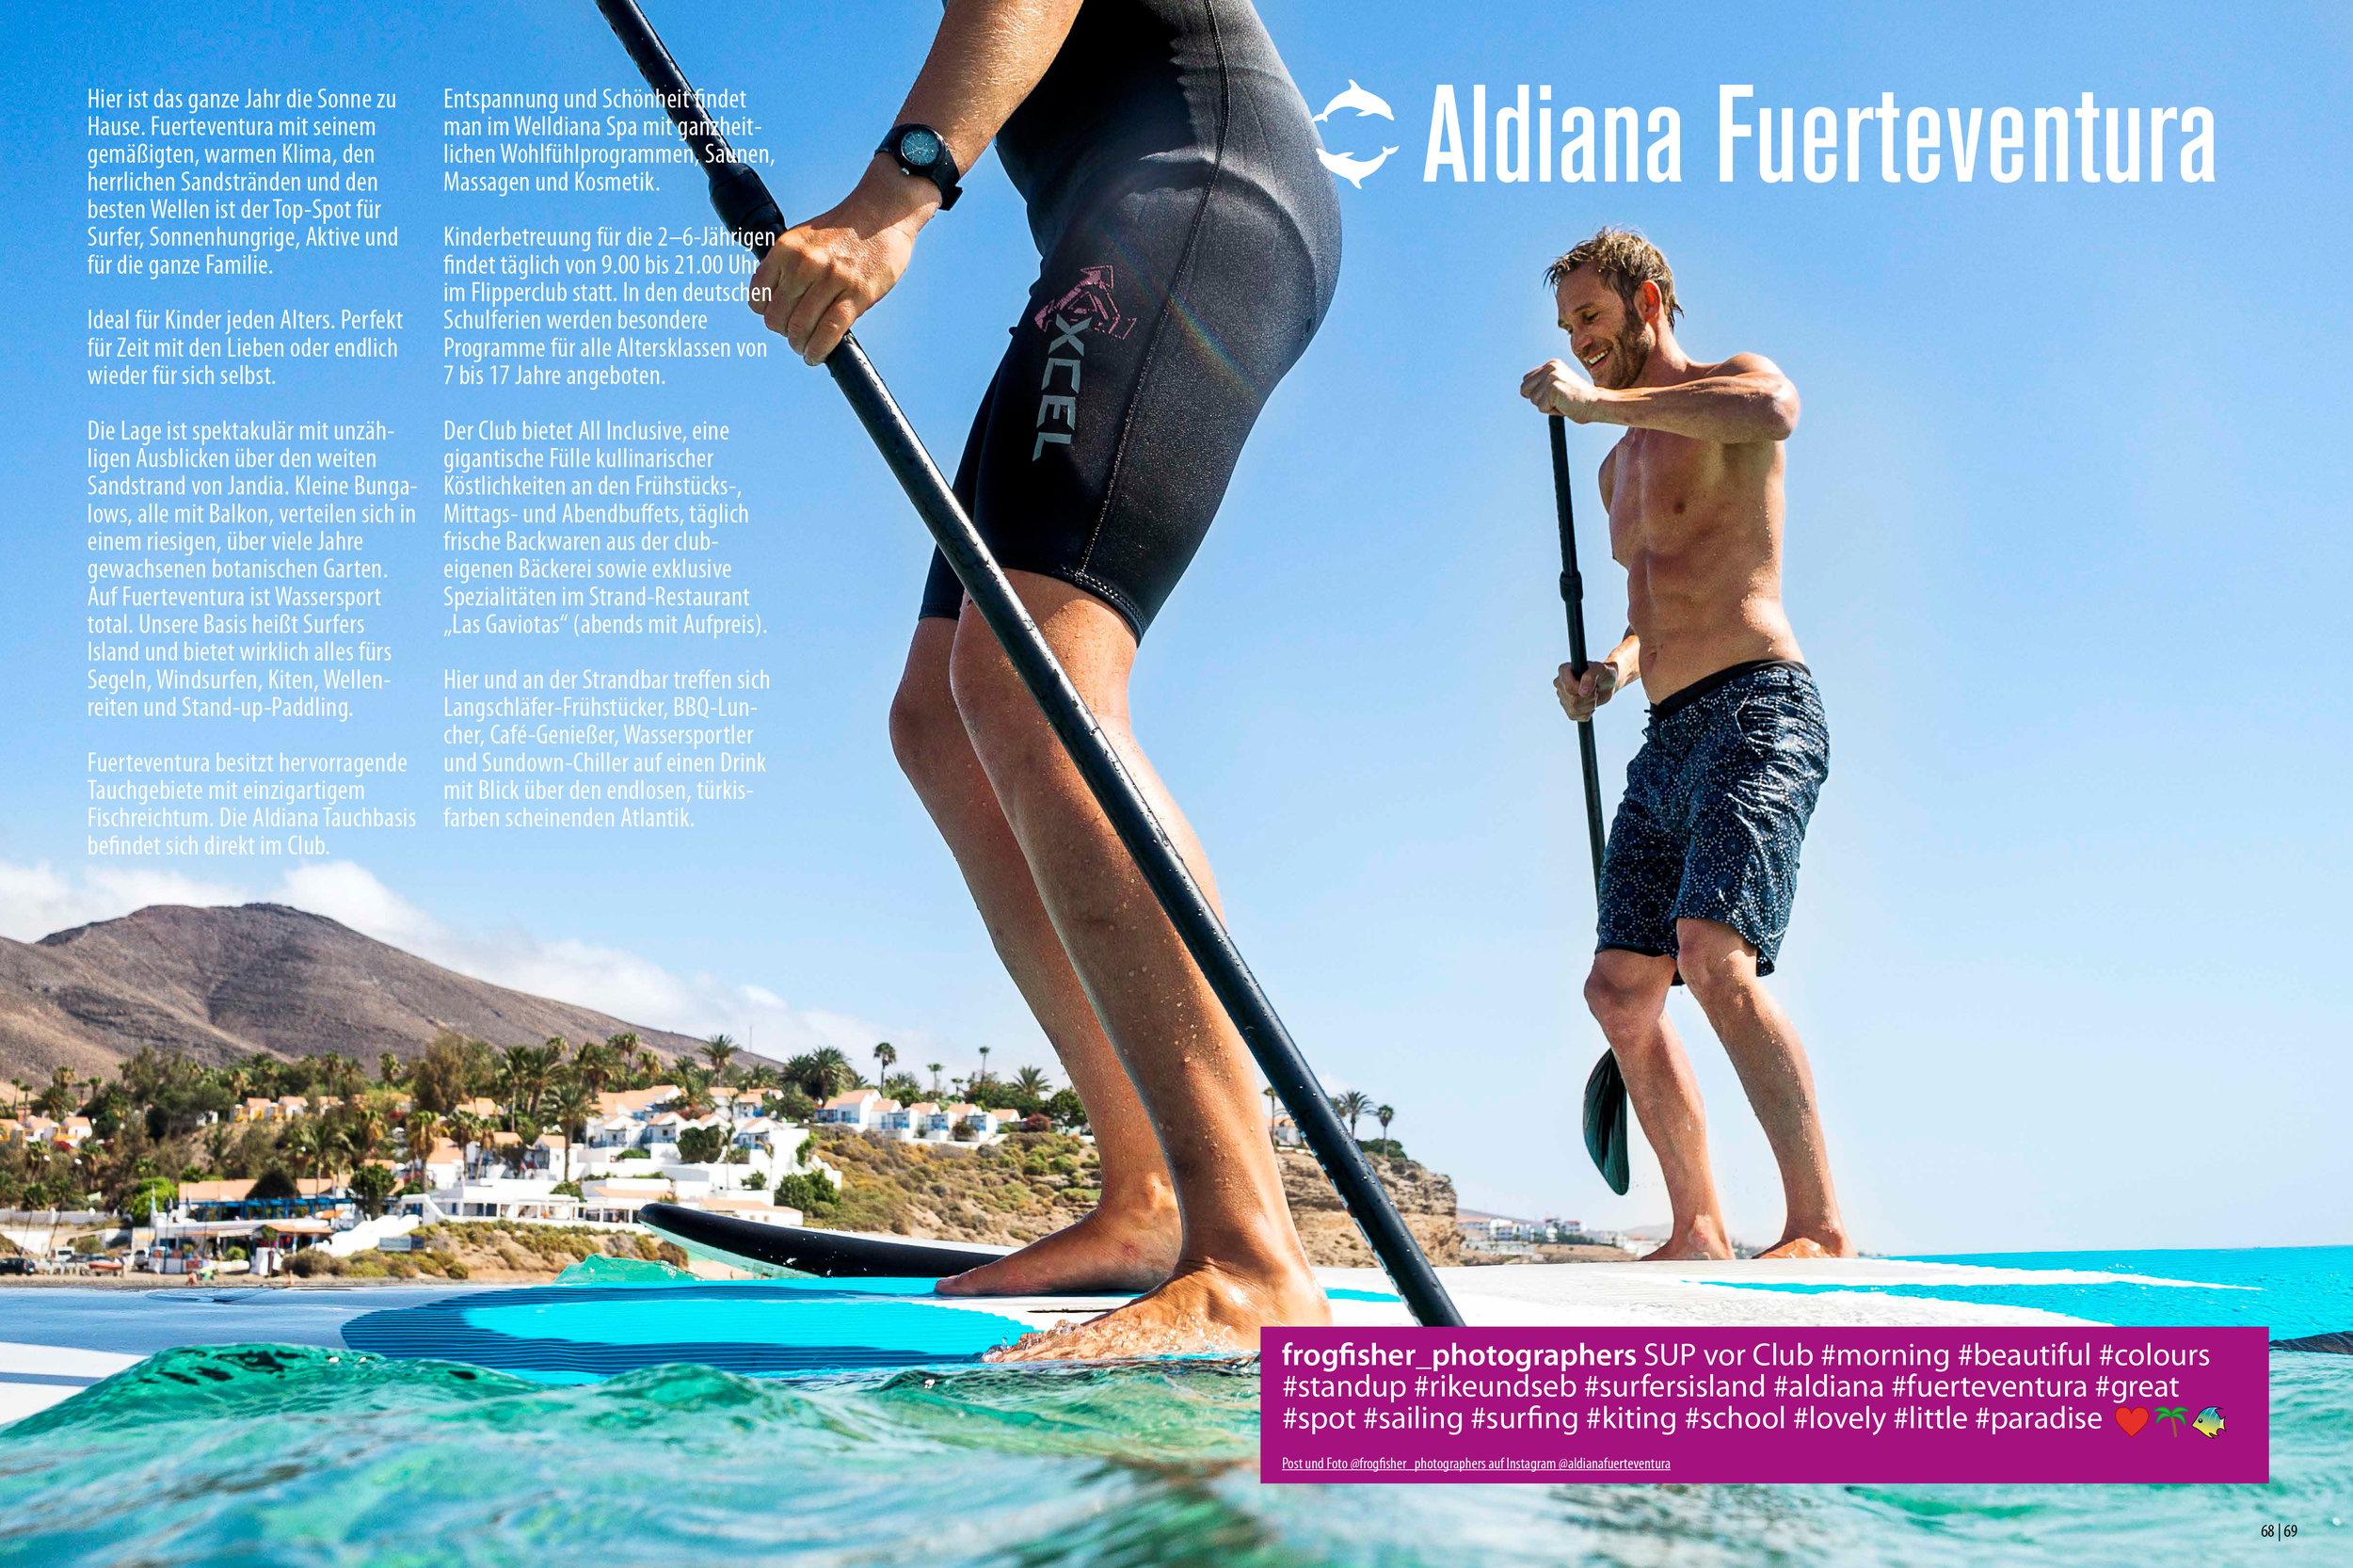 Aldiana Katalog Sommer 2017 Club Fuerteventura